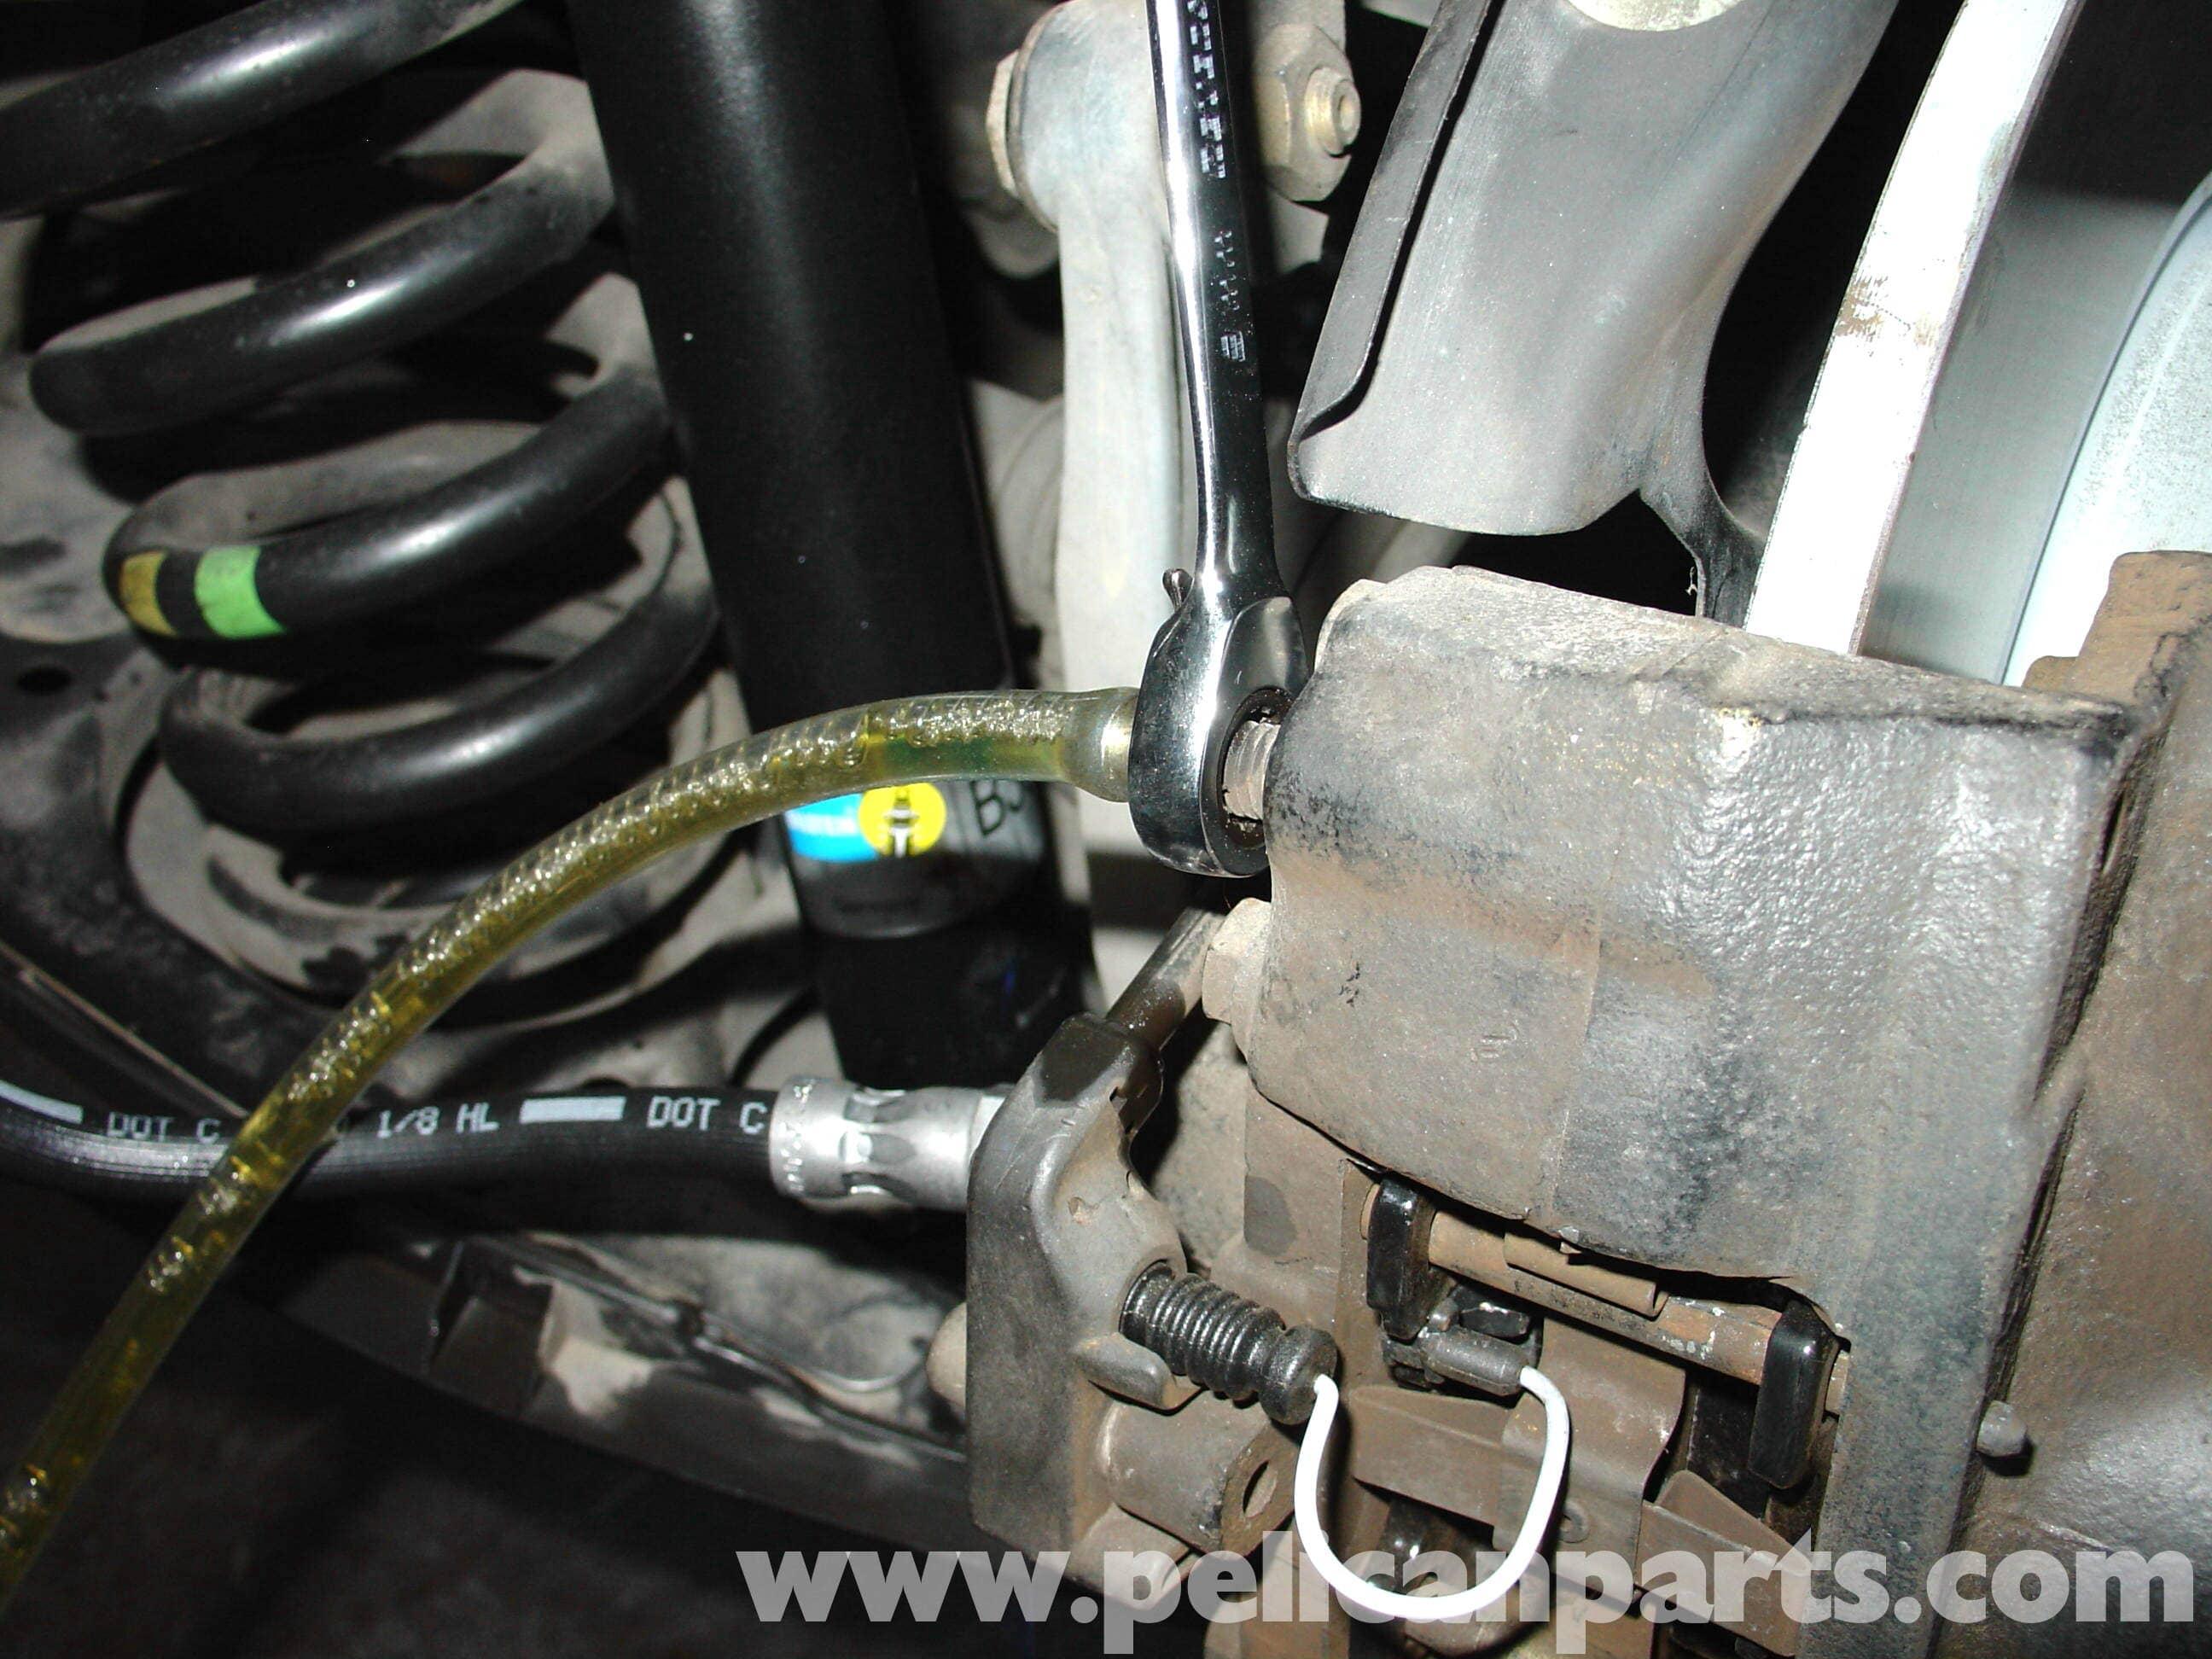 Mercedes Benz W210 Brake Bleeding 1996 03 E320 E420